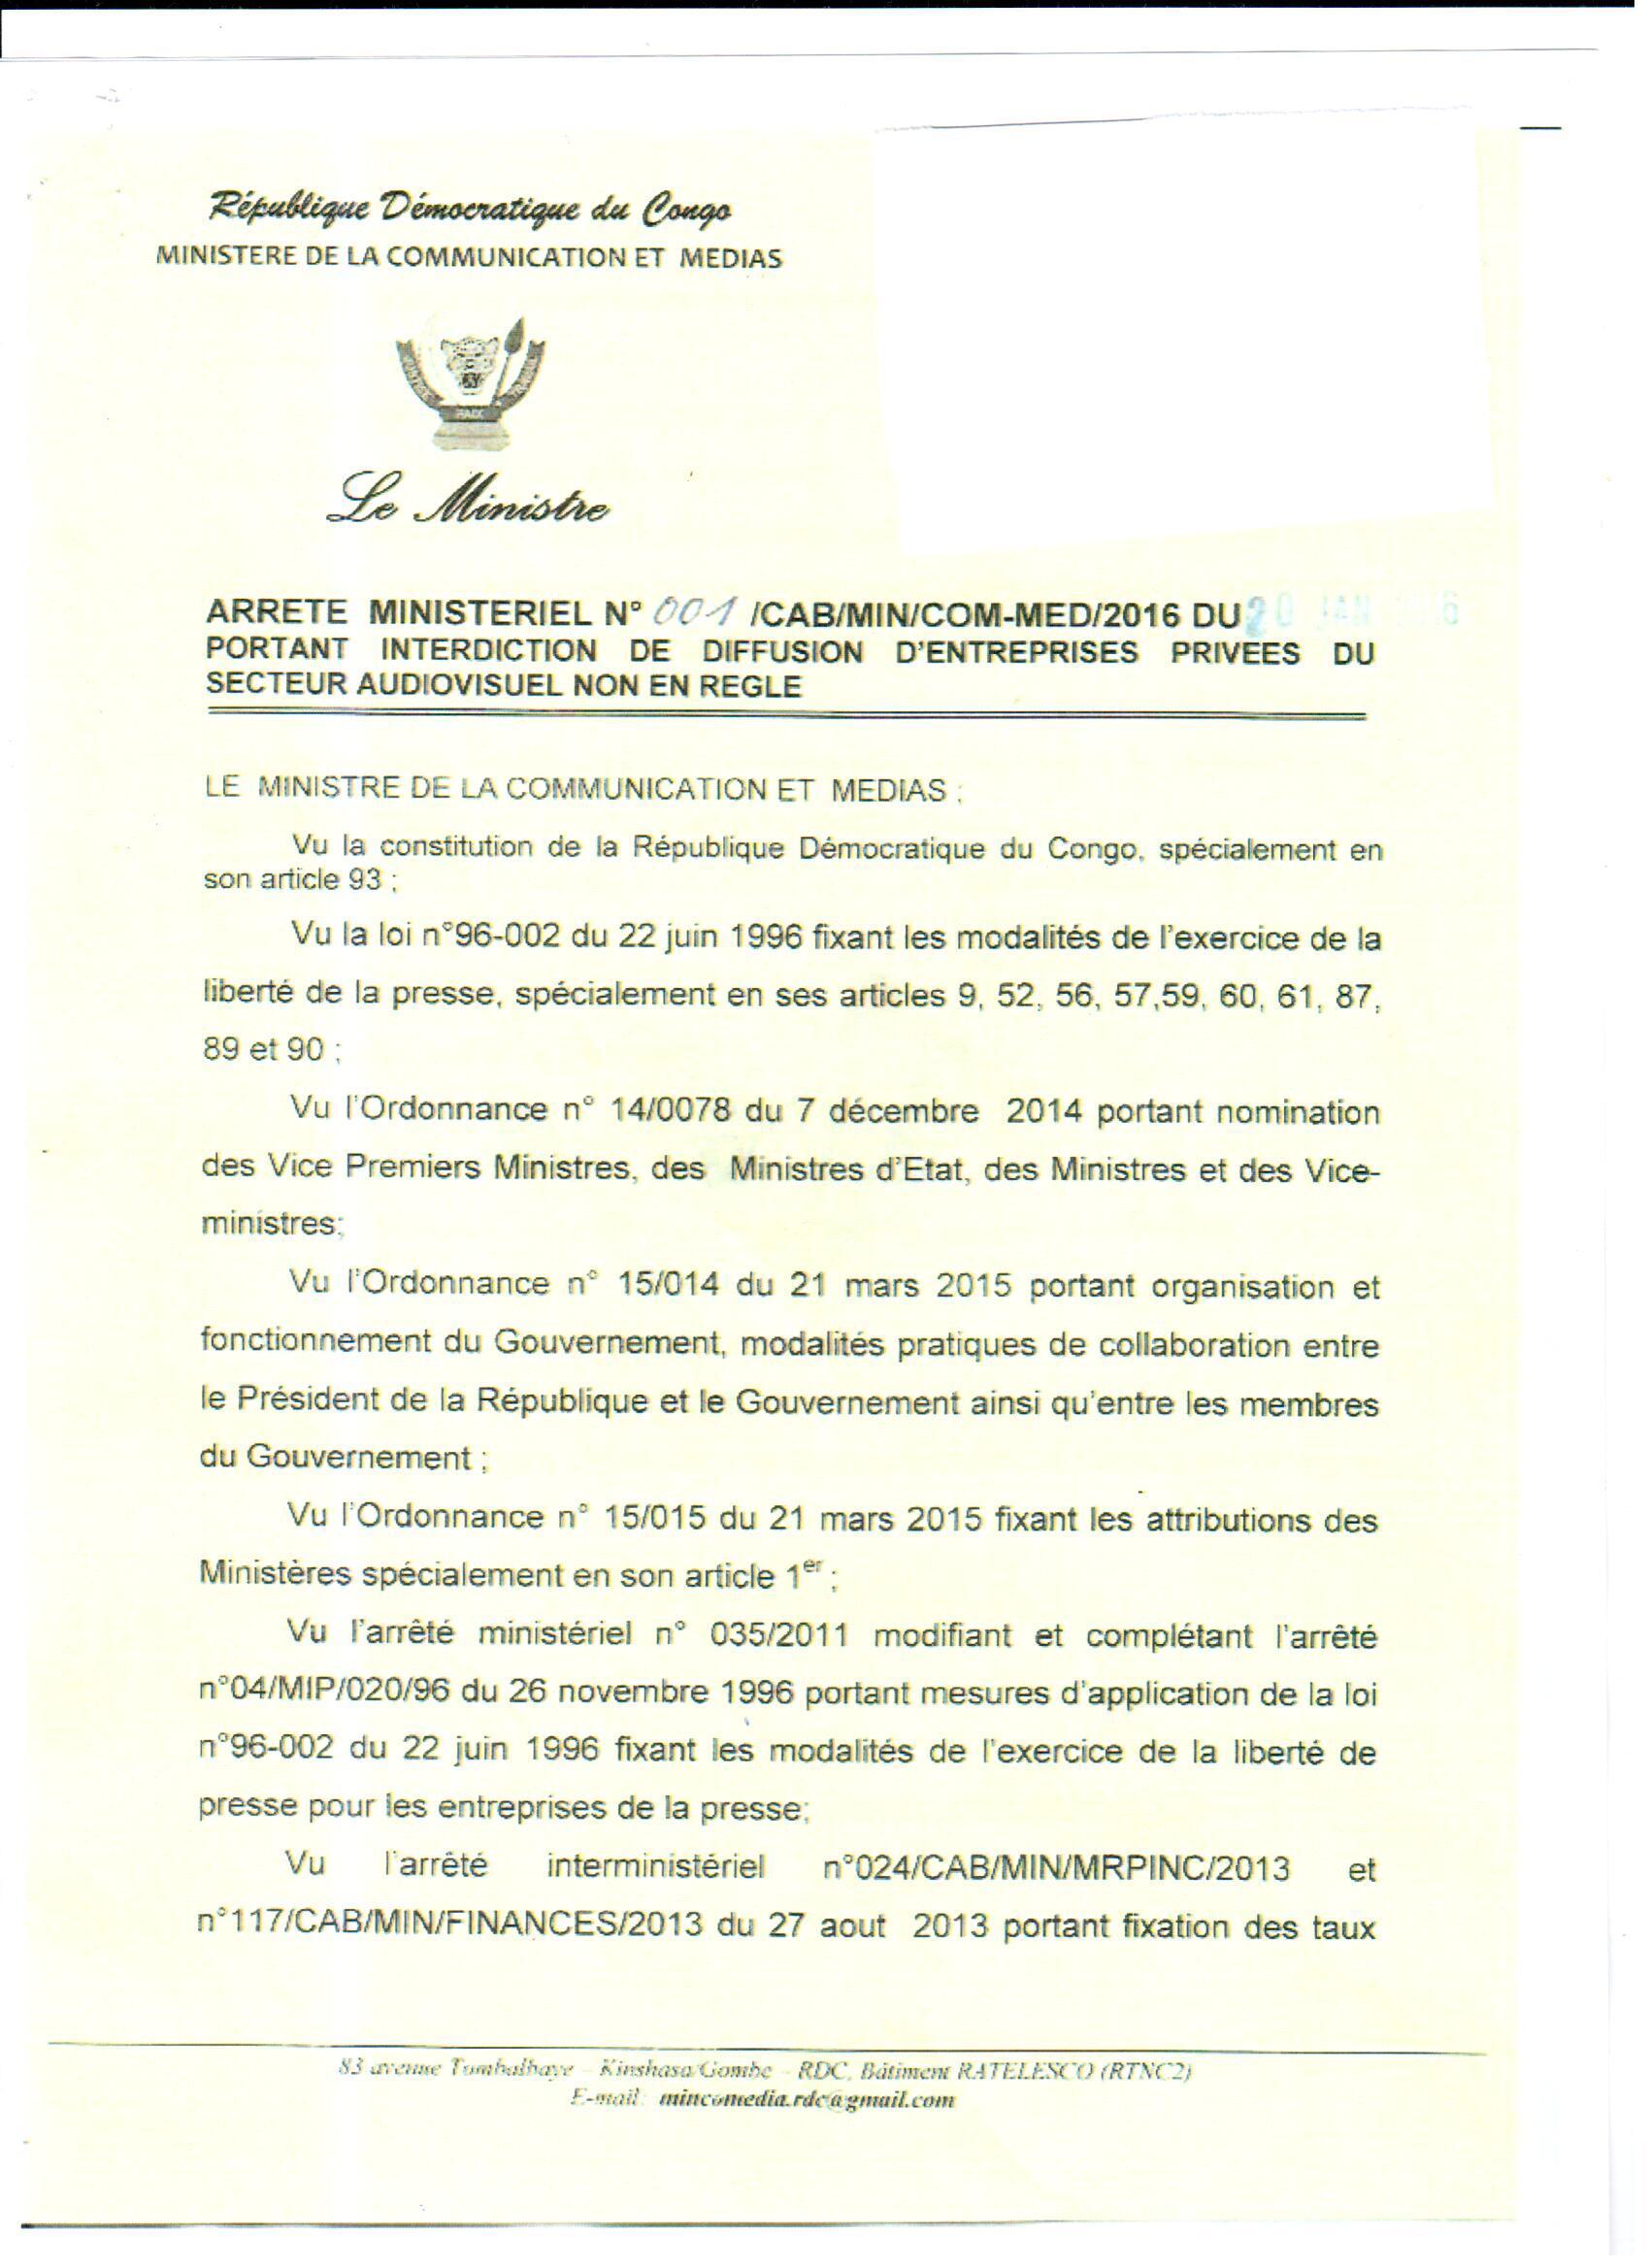 Arrete Ministeriel contre Nyota